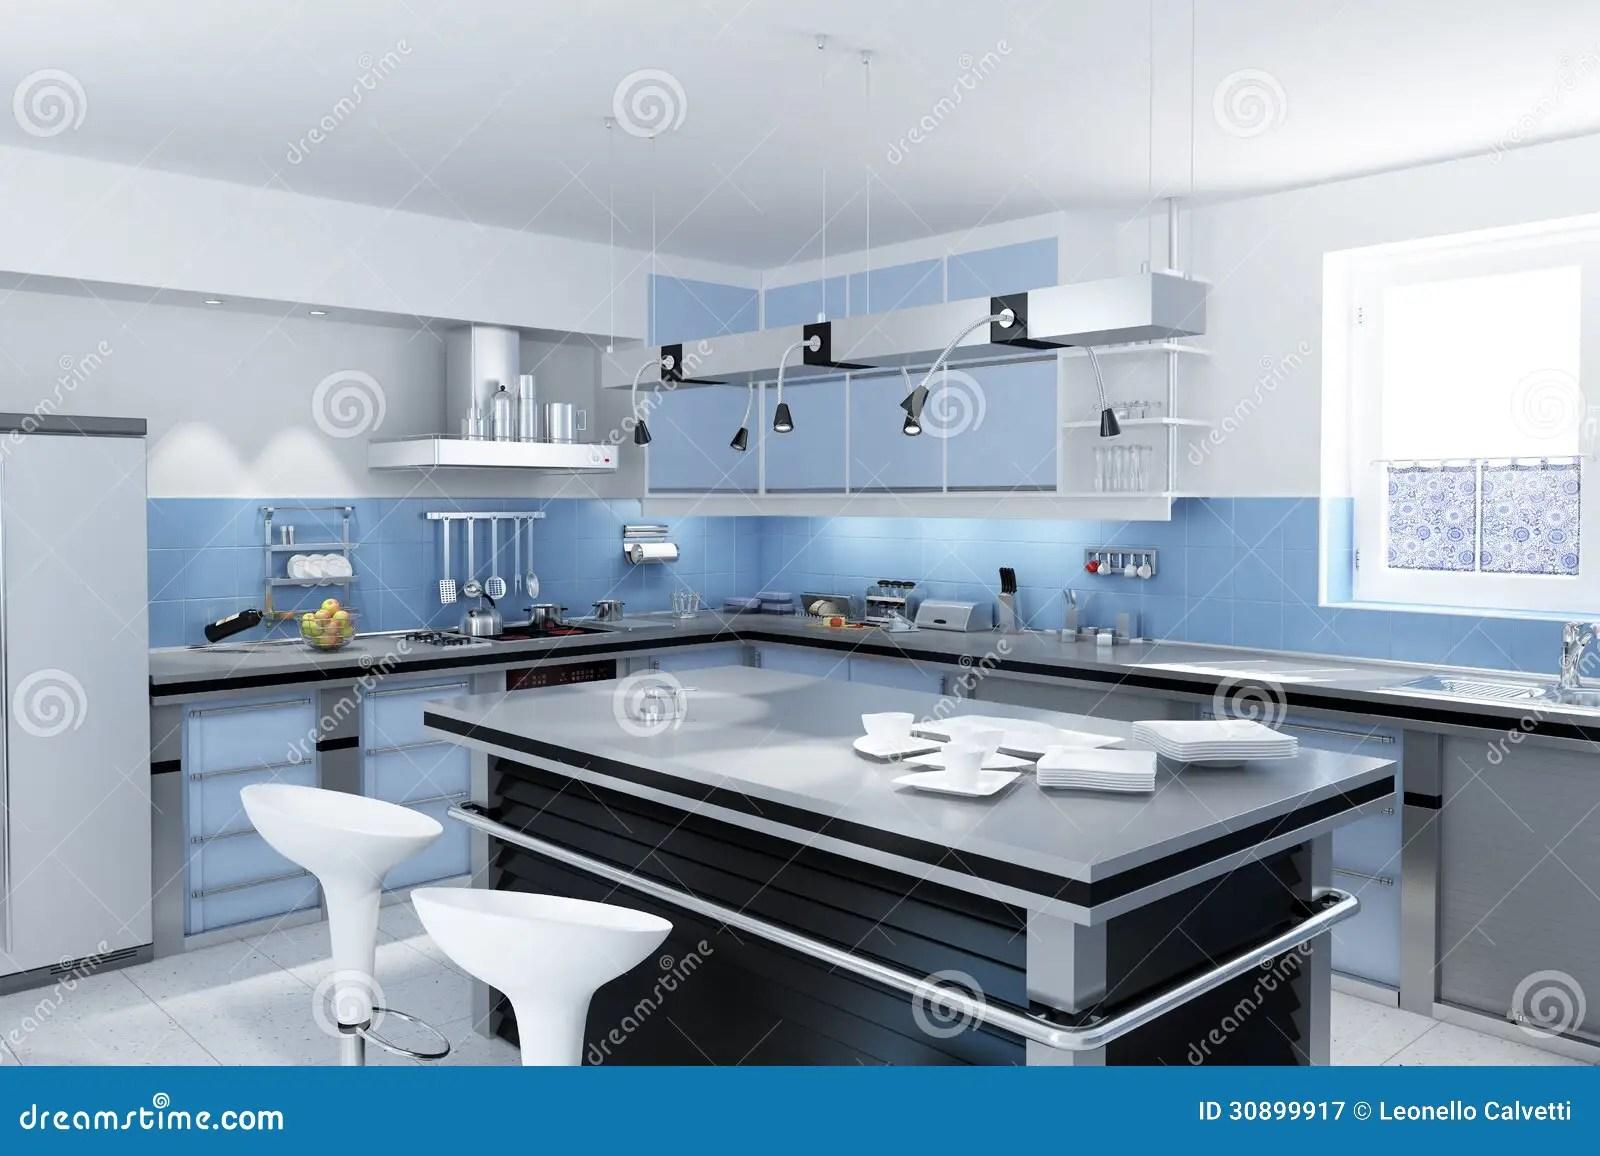 grey kitchen island with sink and dishwasher 有小岛的现代厨房 库存例证 插画包括有刀子 灌肠器 灰色 厨房 自